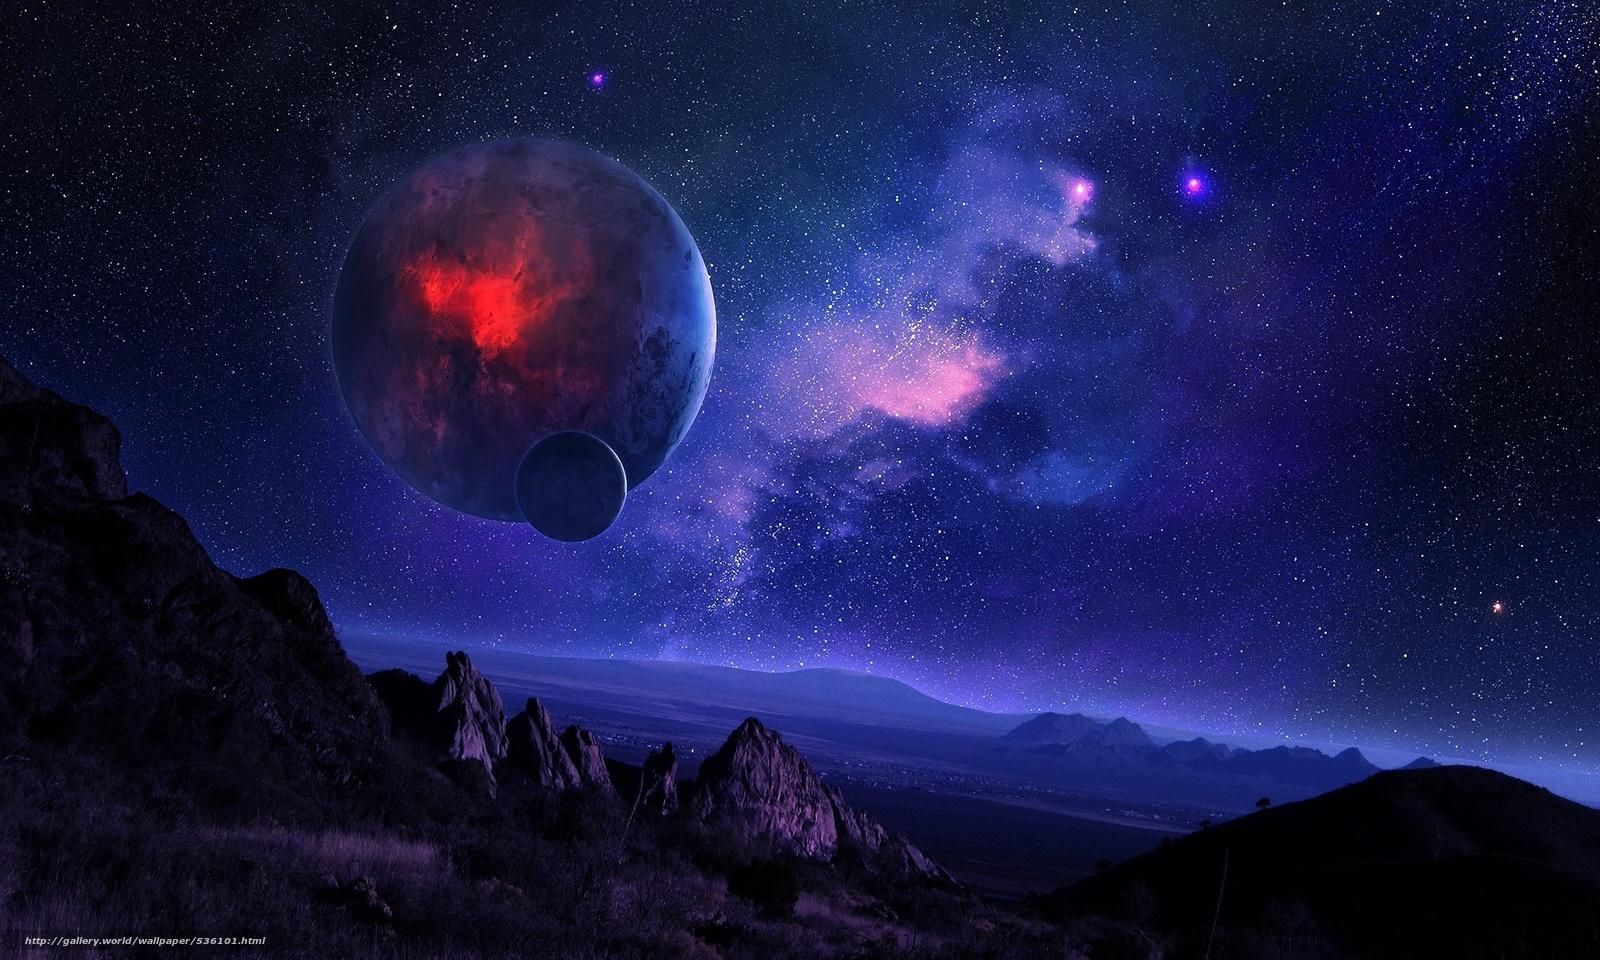 Scaricare Gli Sfondi Spazio Notte Cielo Stellato Montagne Sfondi